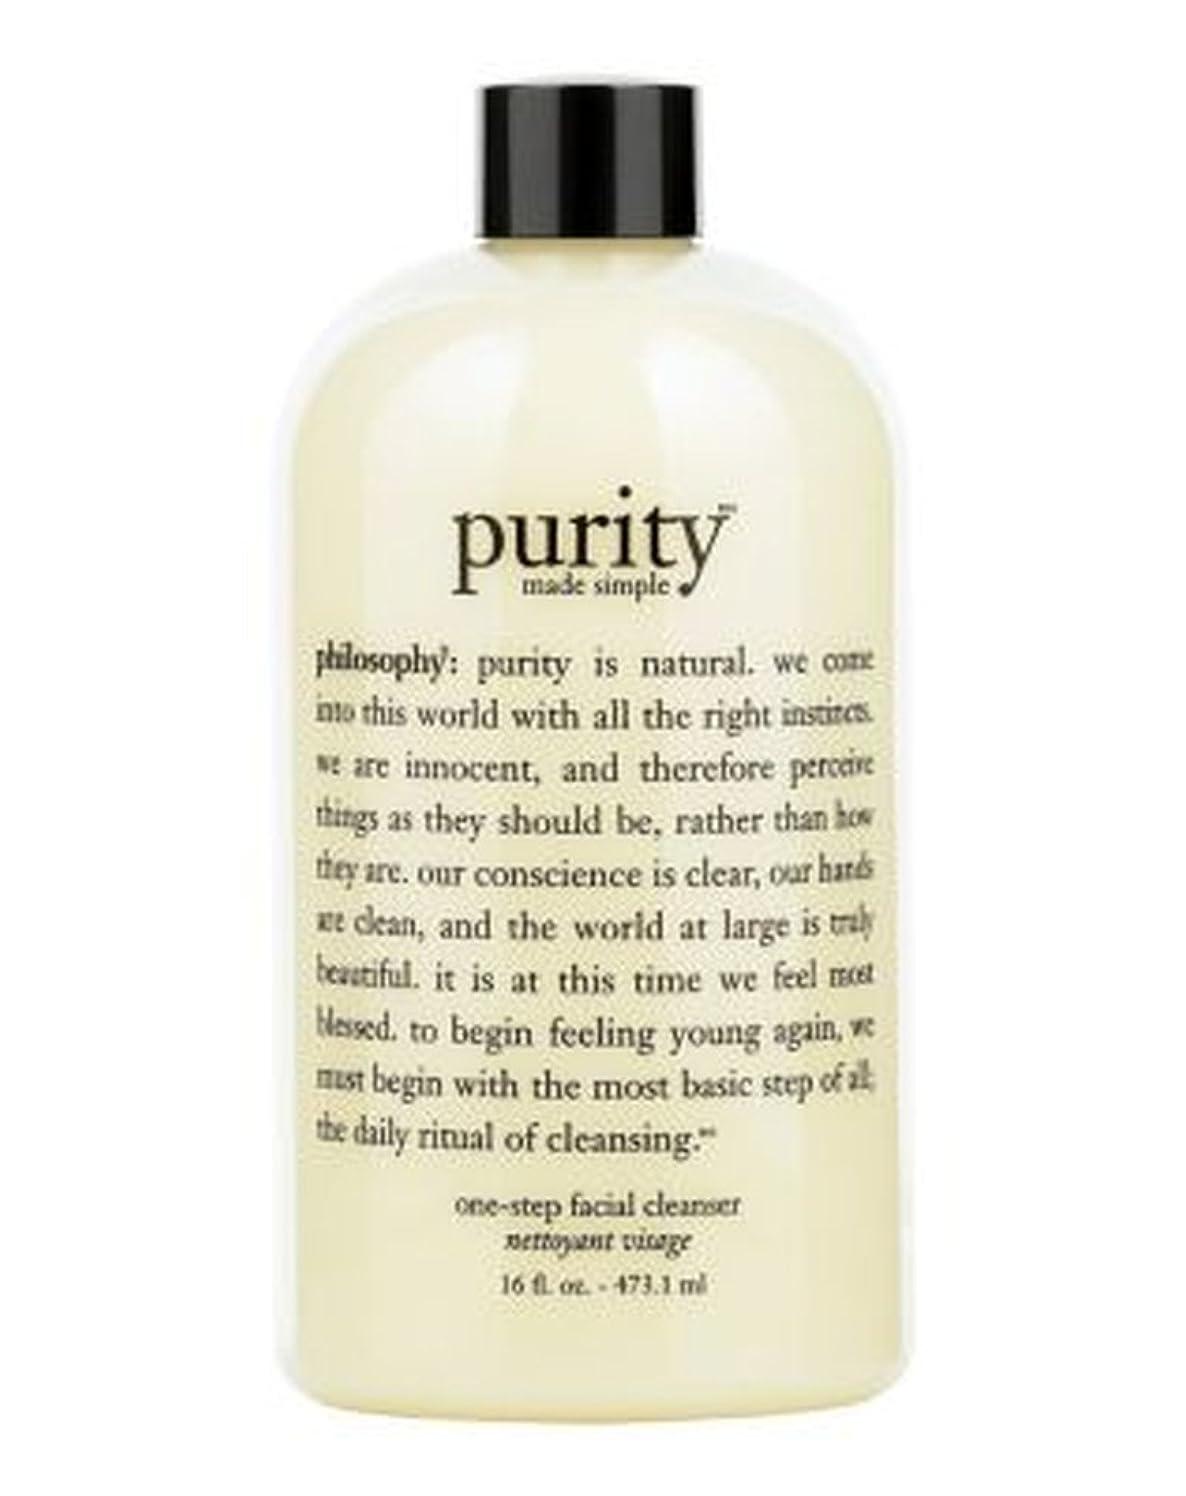 ドナウ川できればクリックphilosophy purity made simple 3-in-1 cleanser for face and eyes 480ml - 哲学純度は、顔や目480ミリリットルのための簡単な3イン1クレンザーを作りました (Philosophy) [並行輸入品]